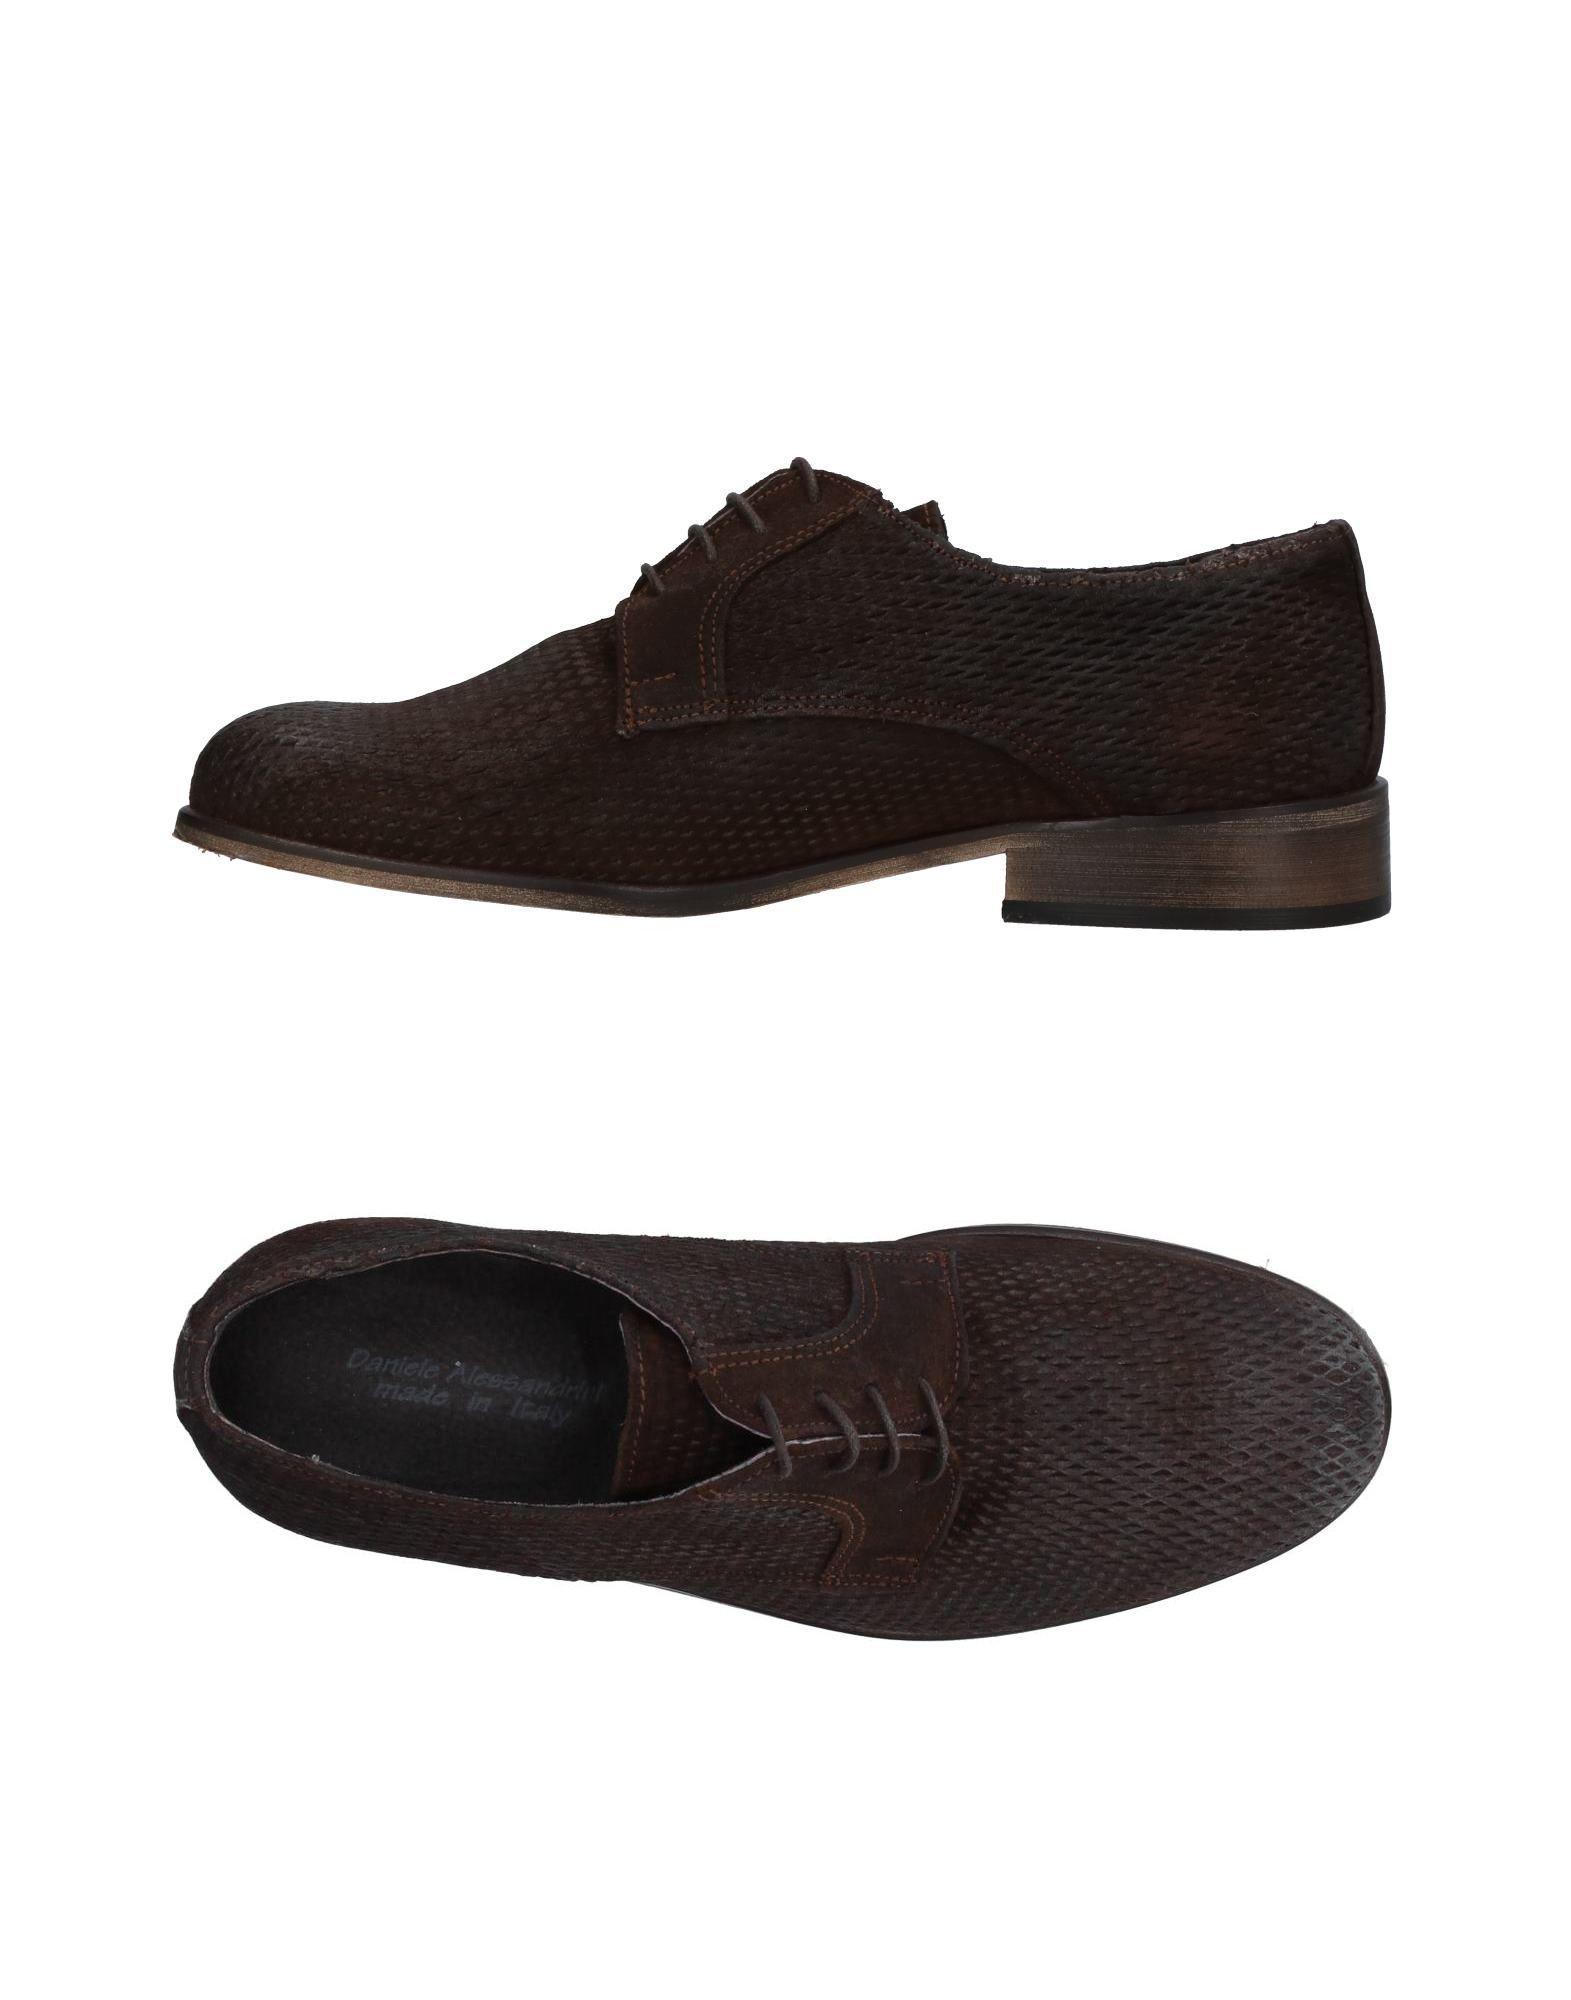 Rabatt Schnürschuhe echte Schuhe Daniele Alessandrini Schnürschuhe Rabatt Herren  11373280HD 37eeaa